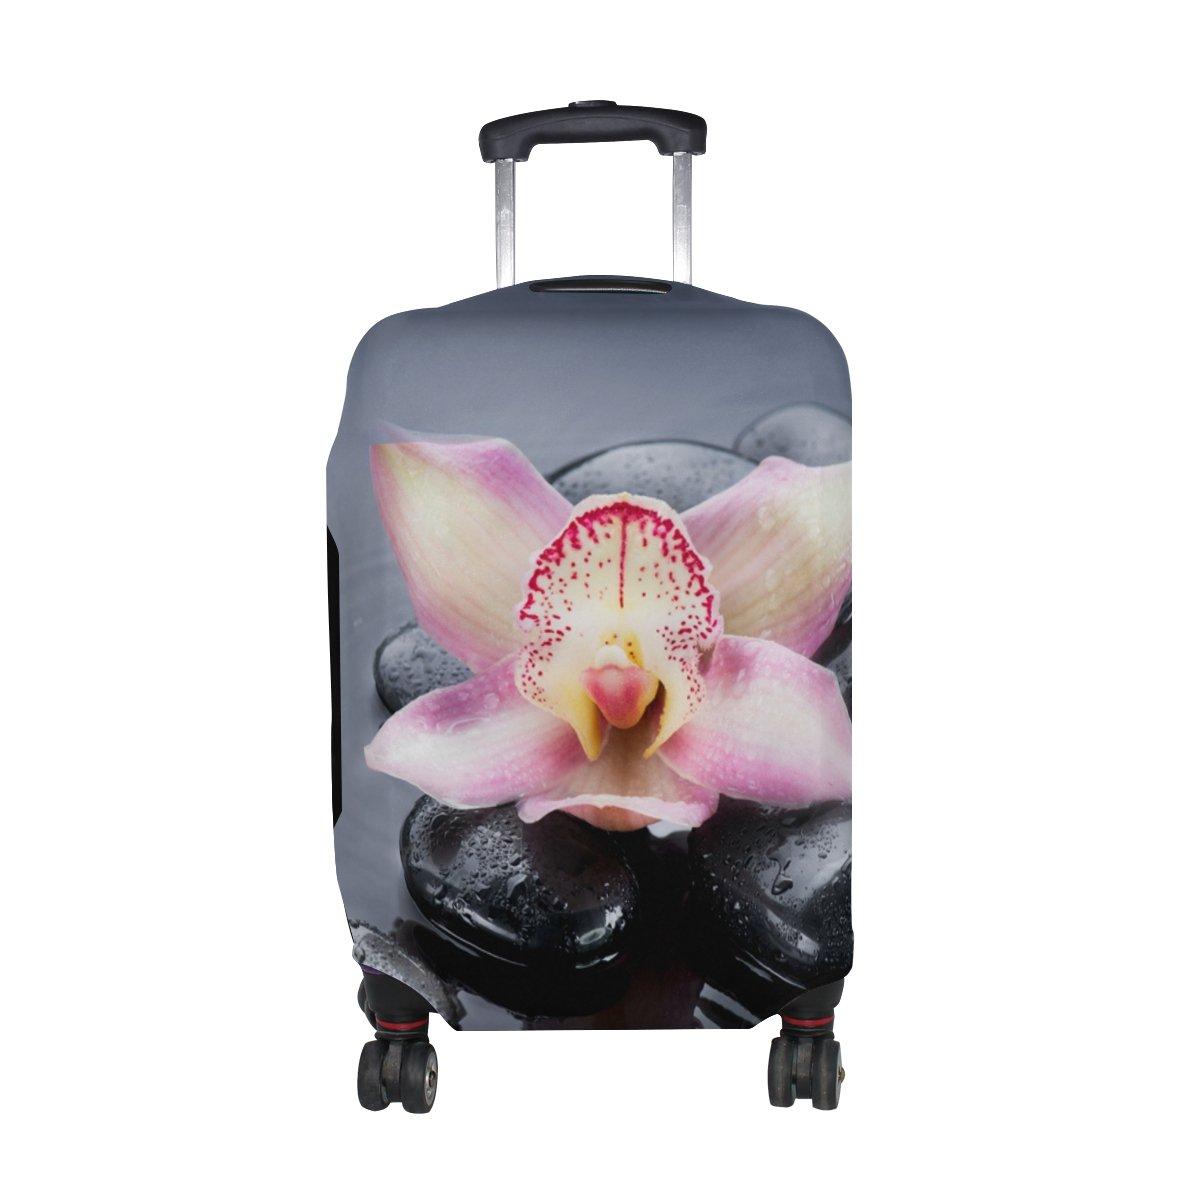 COOSUN equipaje Zen del balneario Imprimir equipaje COOSUN de viaje cubiertas protectoras lavable Spandex equipaje Maleta Cubierta - Se adapta a 18-32 pulgadas L 26-28 en Multicolor 72c3ff